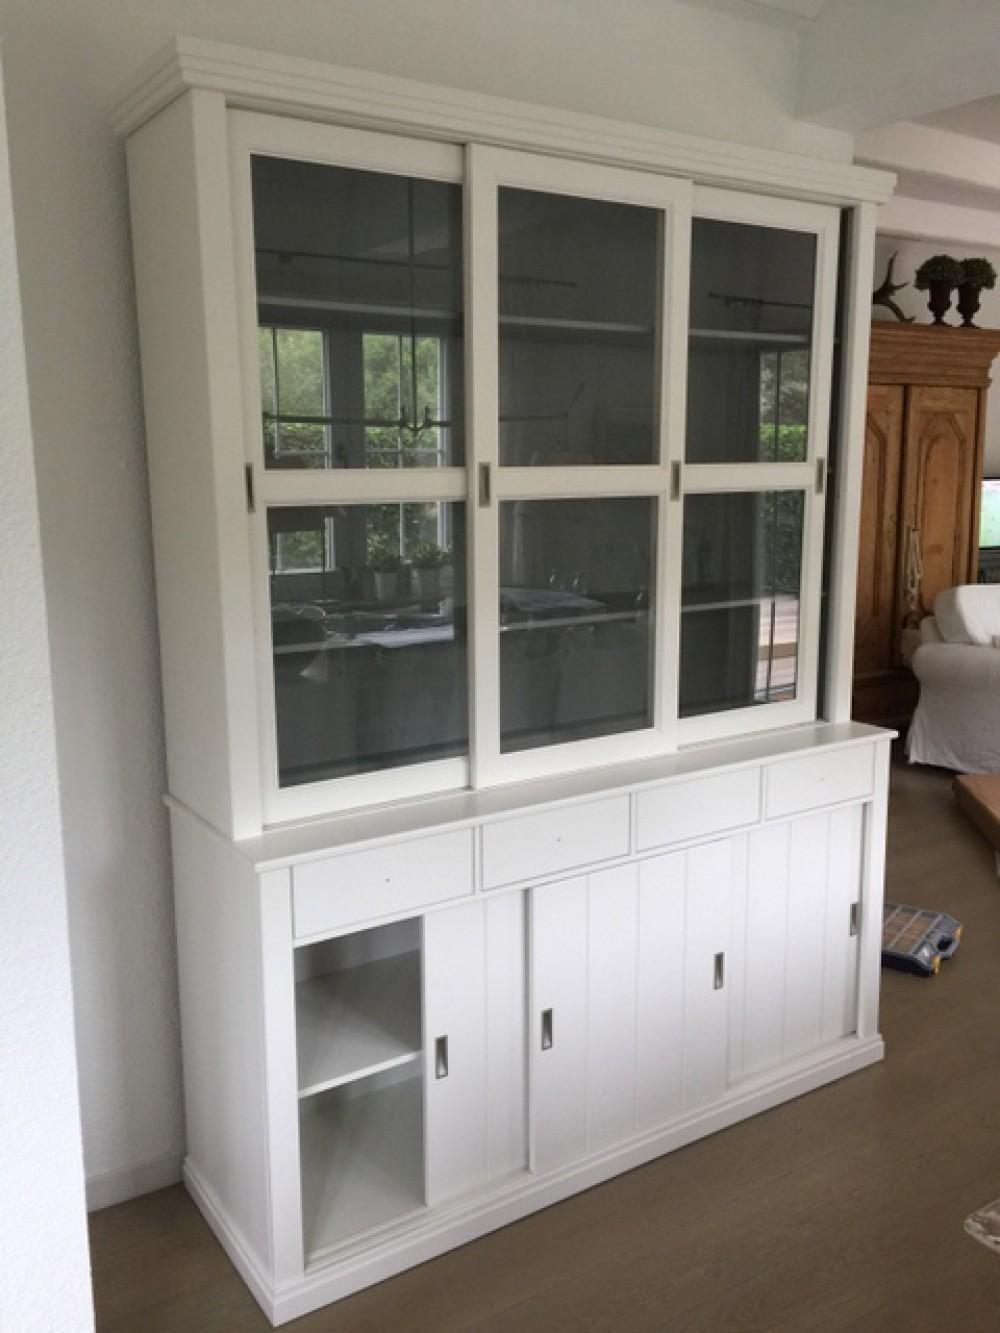 Vitrinenschrank geschirrschrank vitrine im landhausstil for Schrank landhausstil